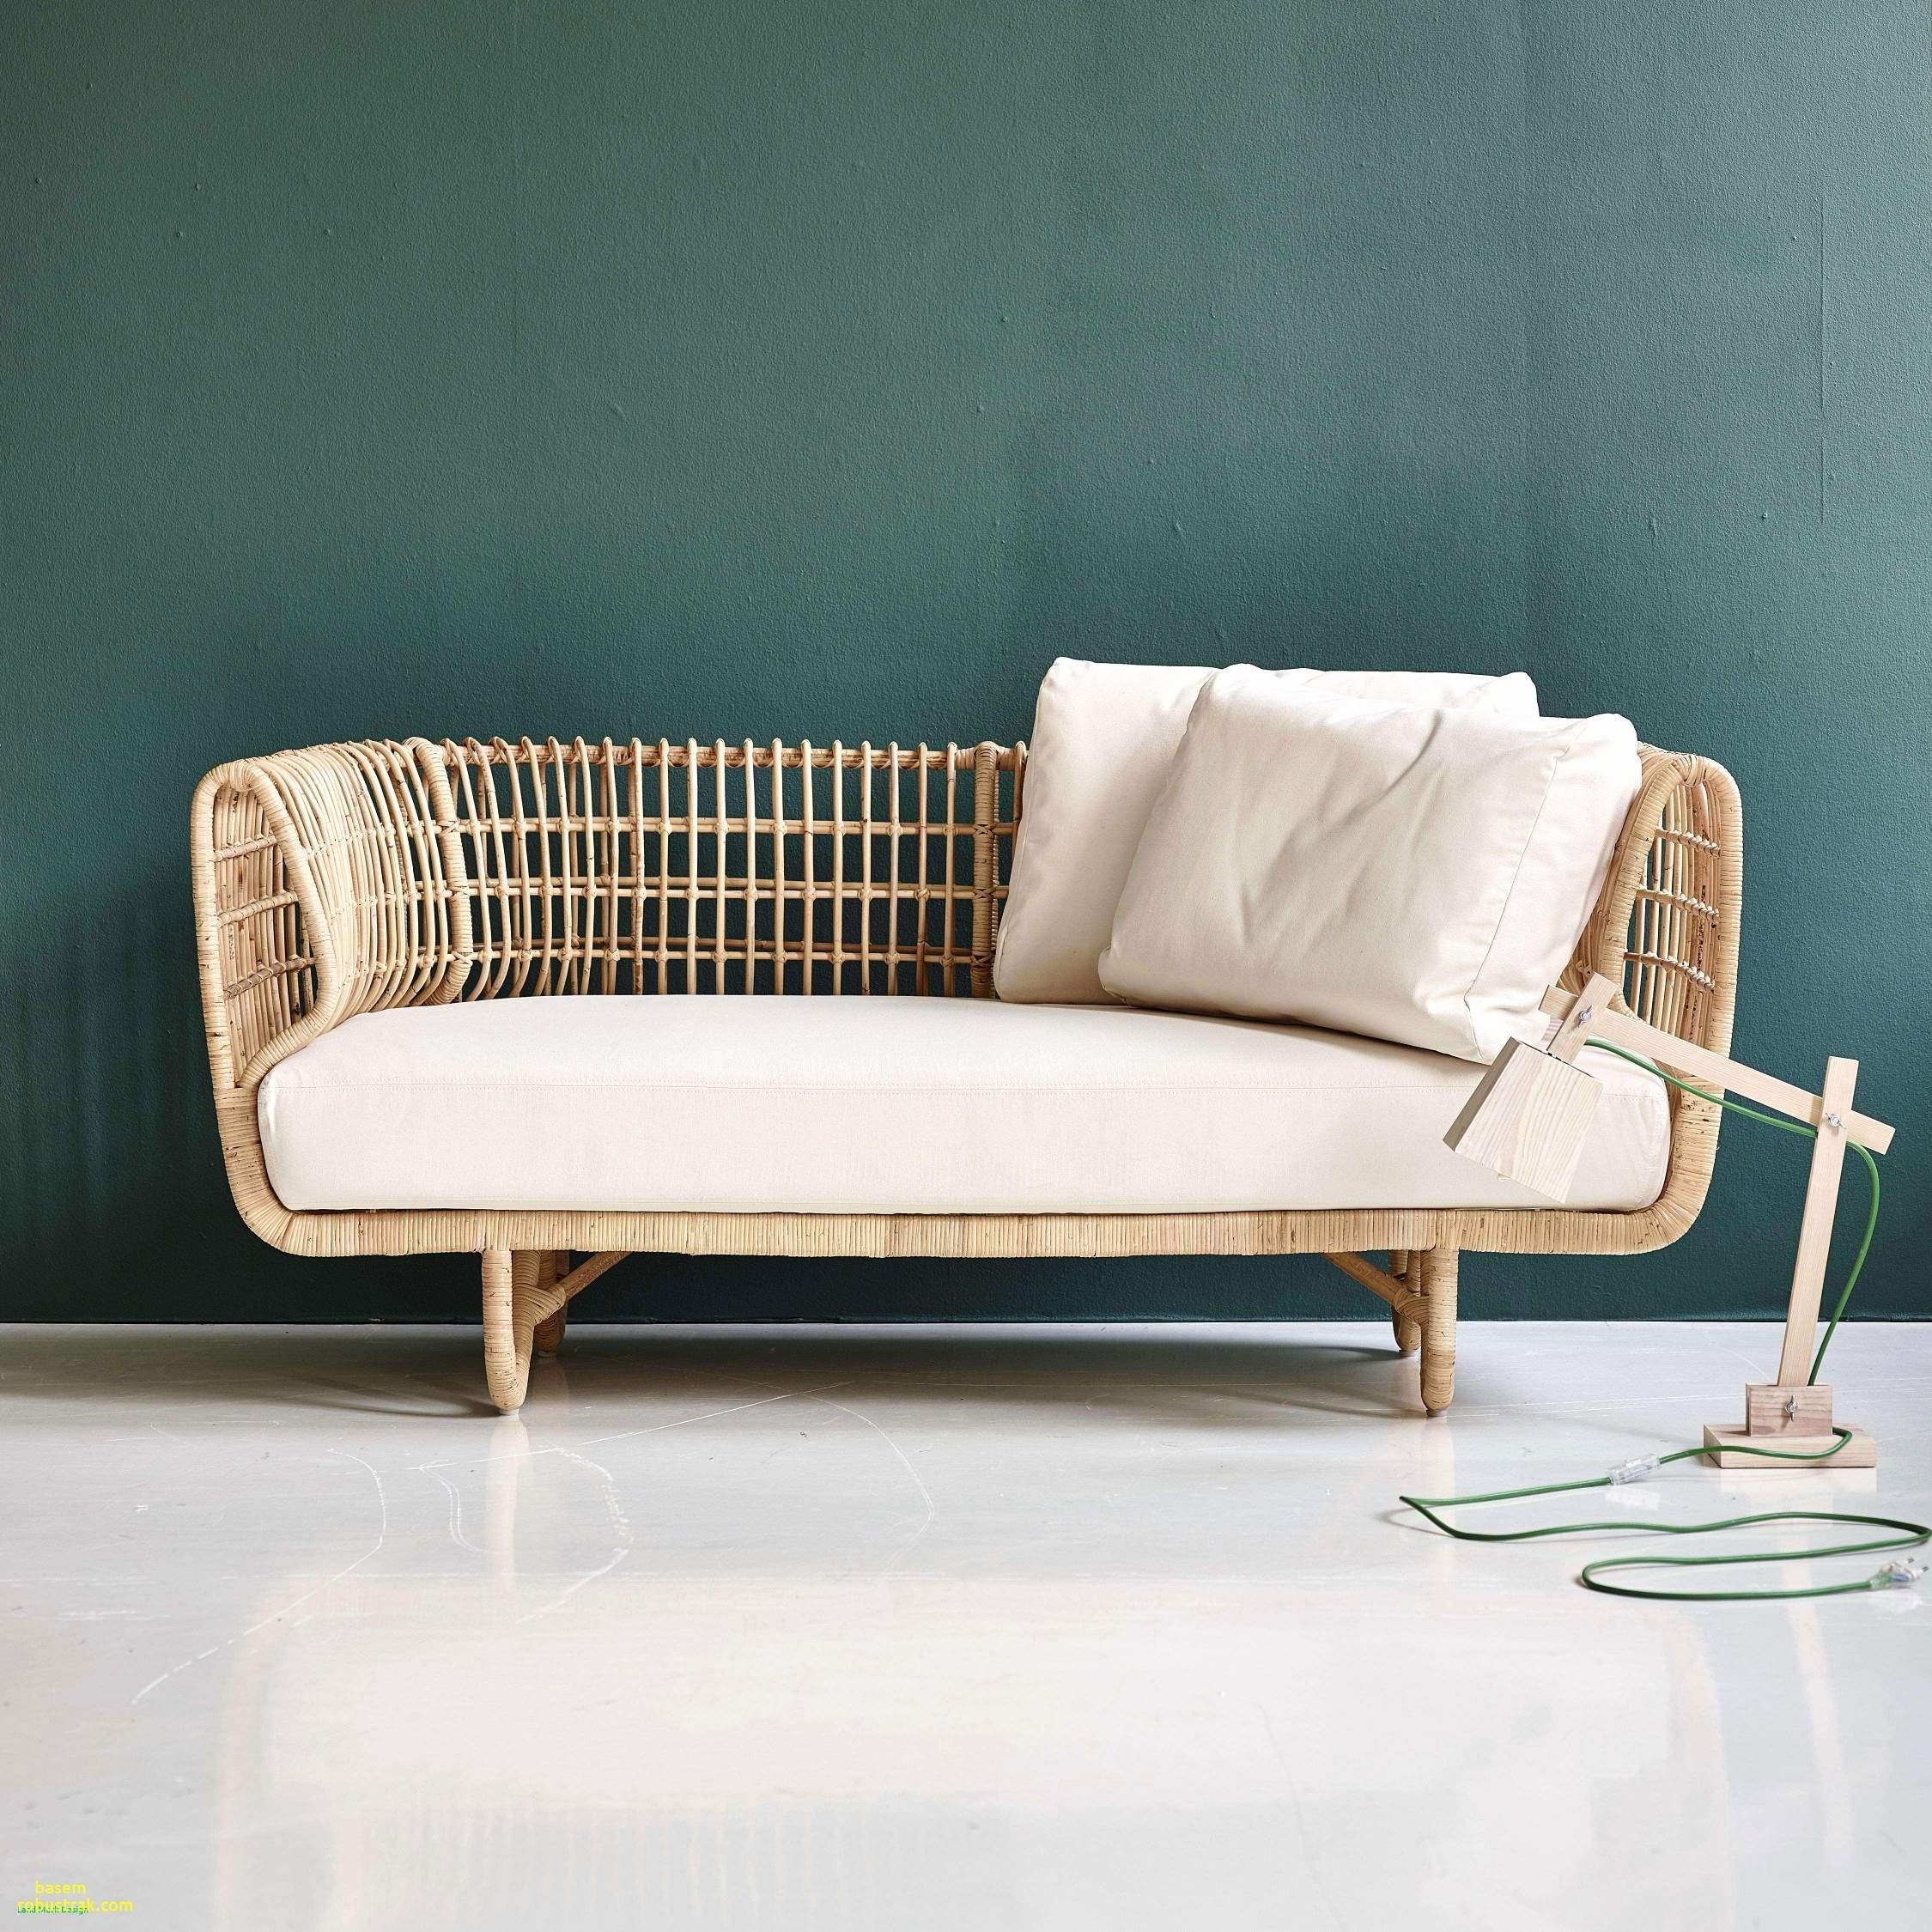 couch garten luxus joop decke grau luxus couch rund luxus hay sofa bild von hay of couch garten